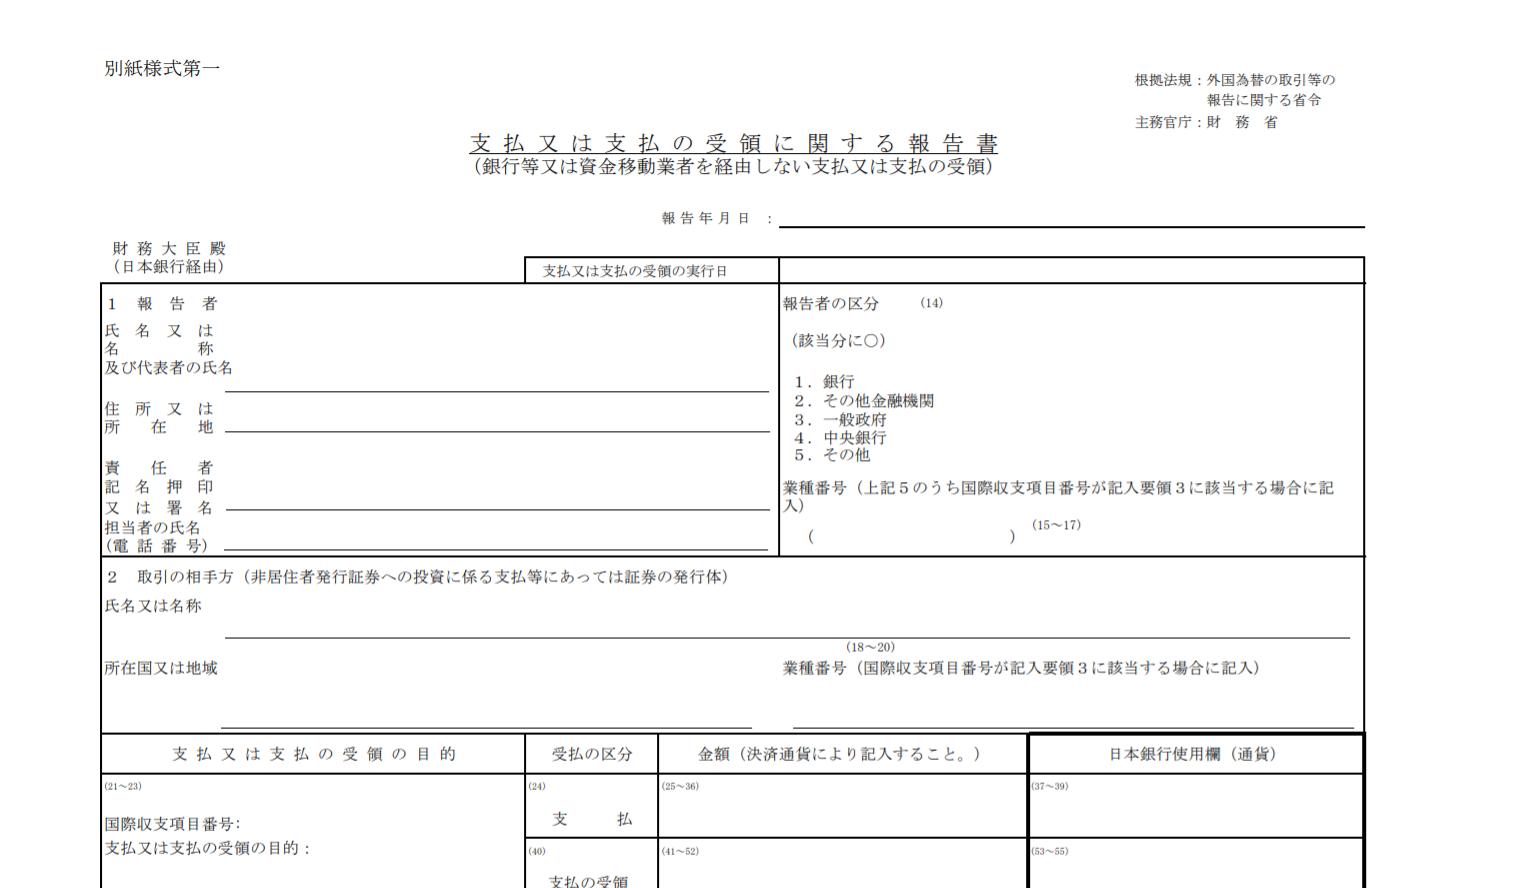 2018 05 29 2 - 3000万円越えの仮想通貨取引は、財務省への報告がほんとに必要?